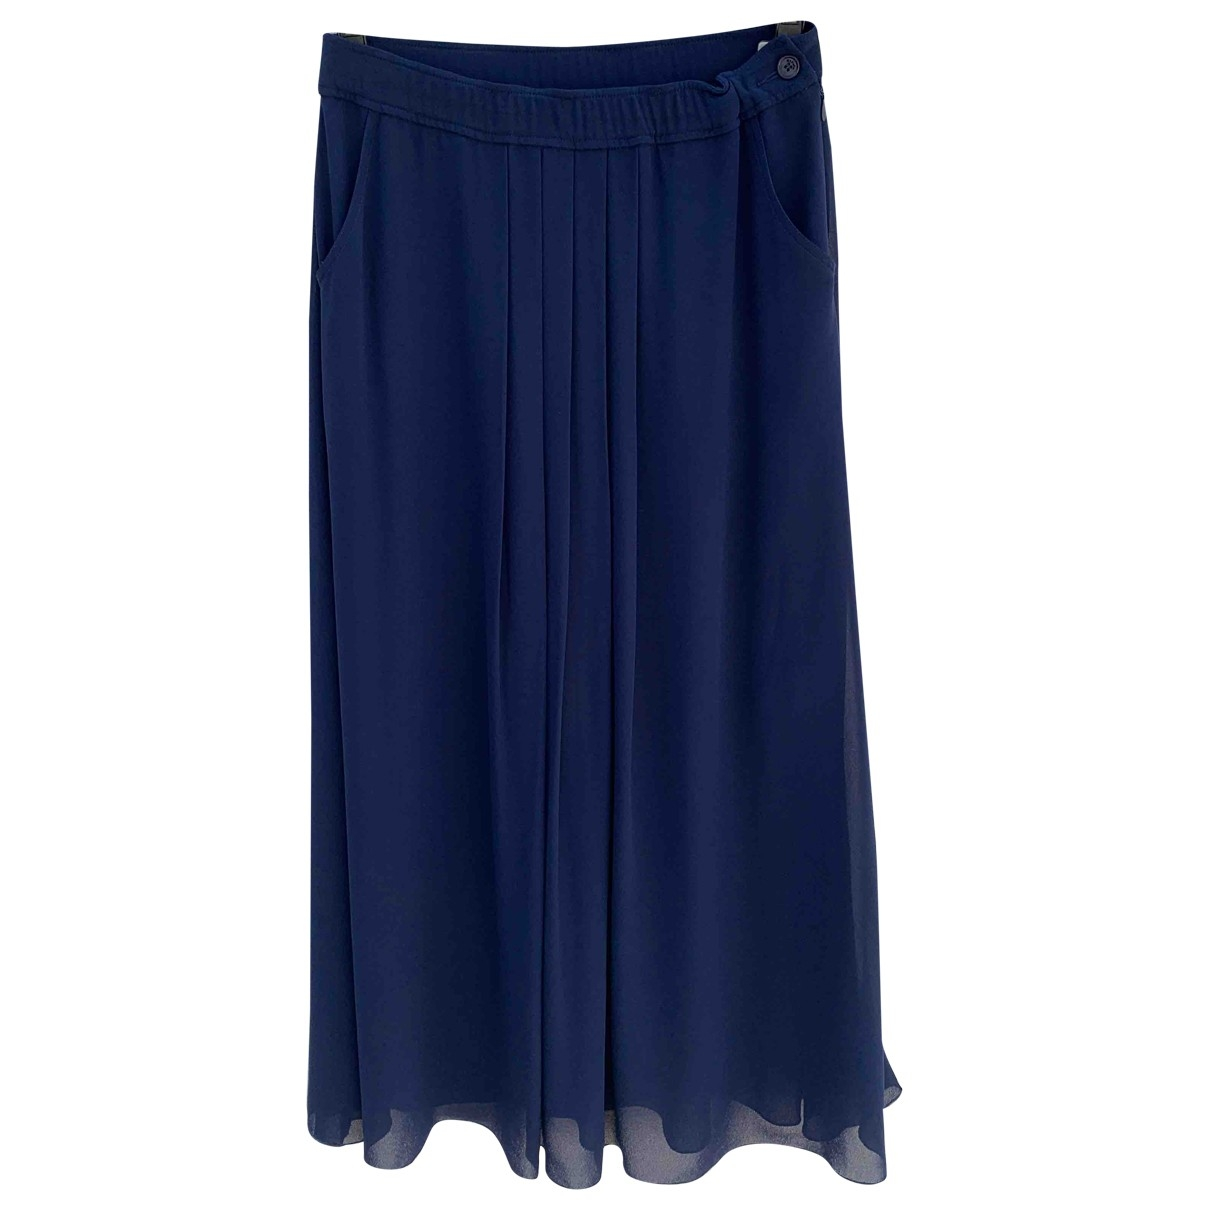 Max & Co \N Blue skirt for Women 42 IT